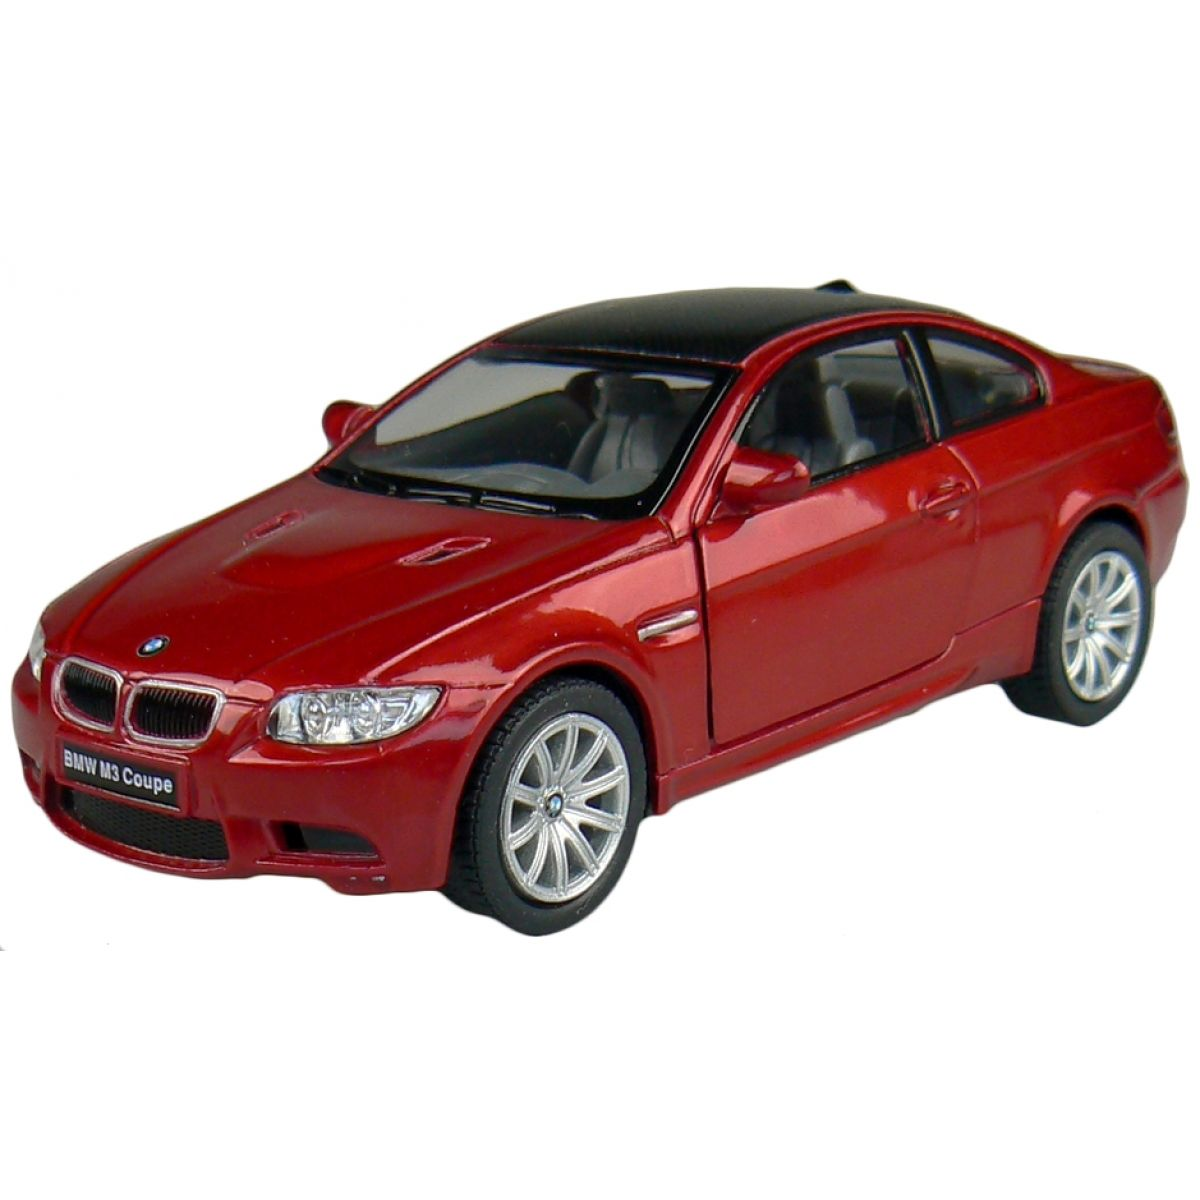 Kinsmart Auto BMW M3 Coupe na zpětné natažení 13cm - Červená